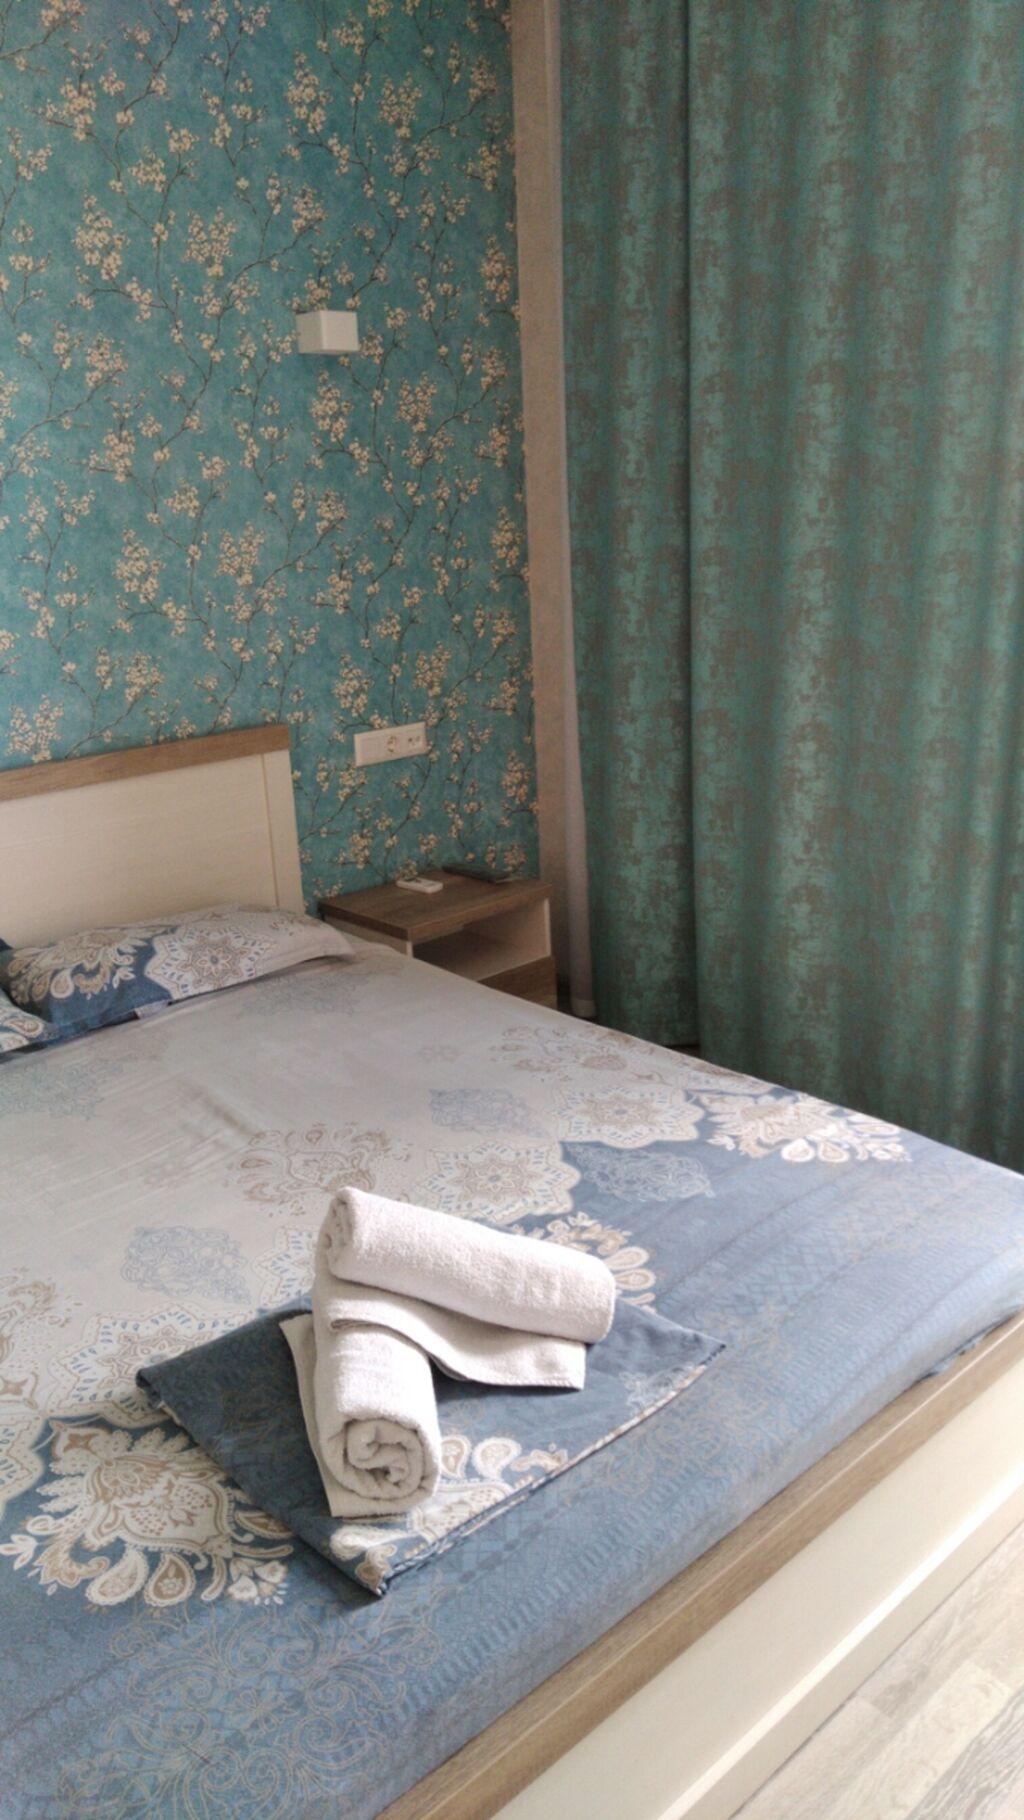 Гостиница гостиница гостиница гостиница гостиница гостиница гостиница гостиница гостиница гостиница гостиница гостиница гостиница гостиница гостиница гостиница гостиница ночь день сутки чисто уютно комфортно